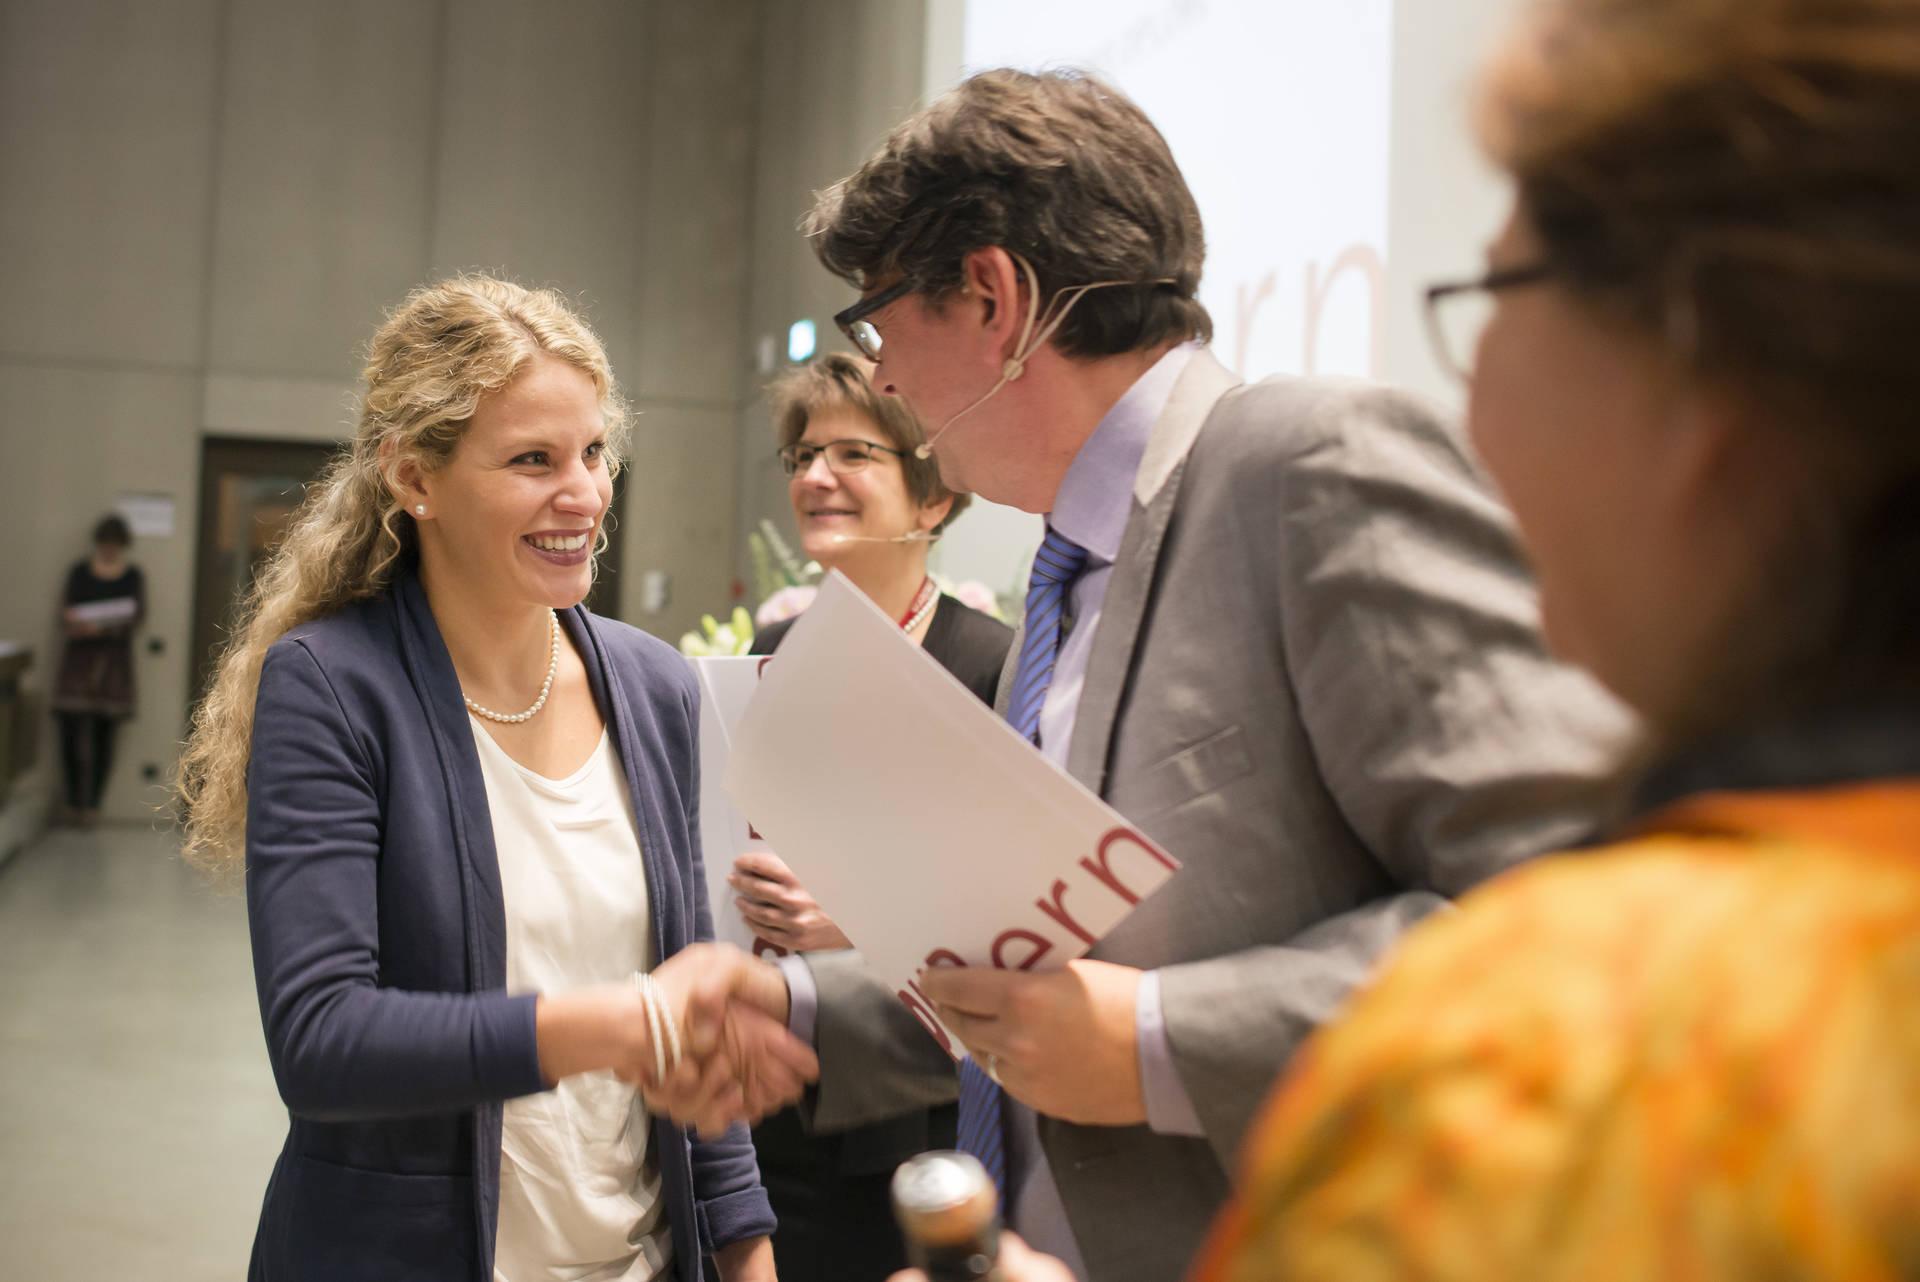 Michael Eckhart, Leiter des Instituts für Heilpädagogik, gratuliert der ersten Absolventin des Masters S1+ (Bild aus dem Jahr 2016).